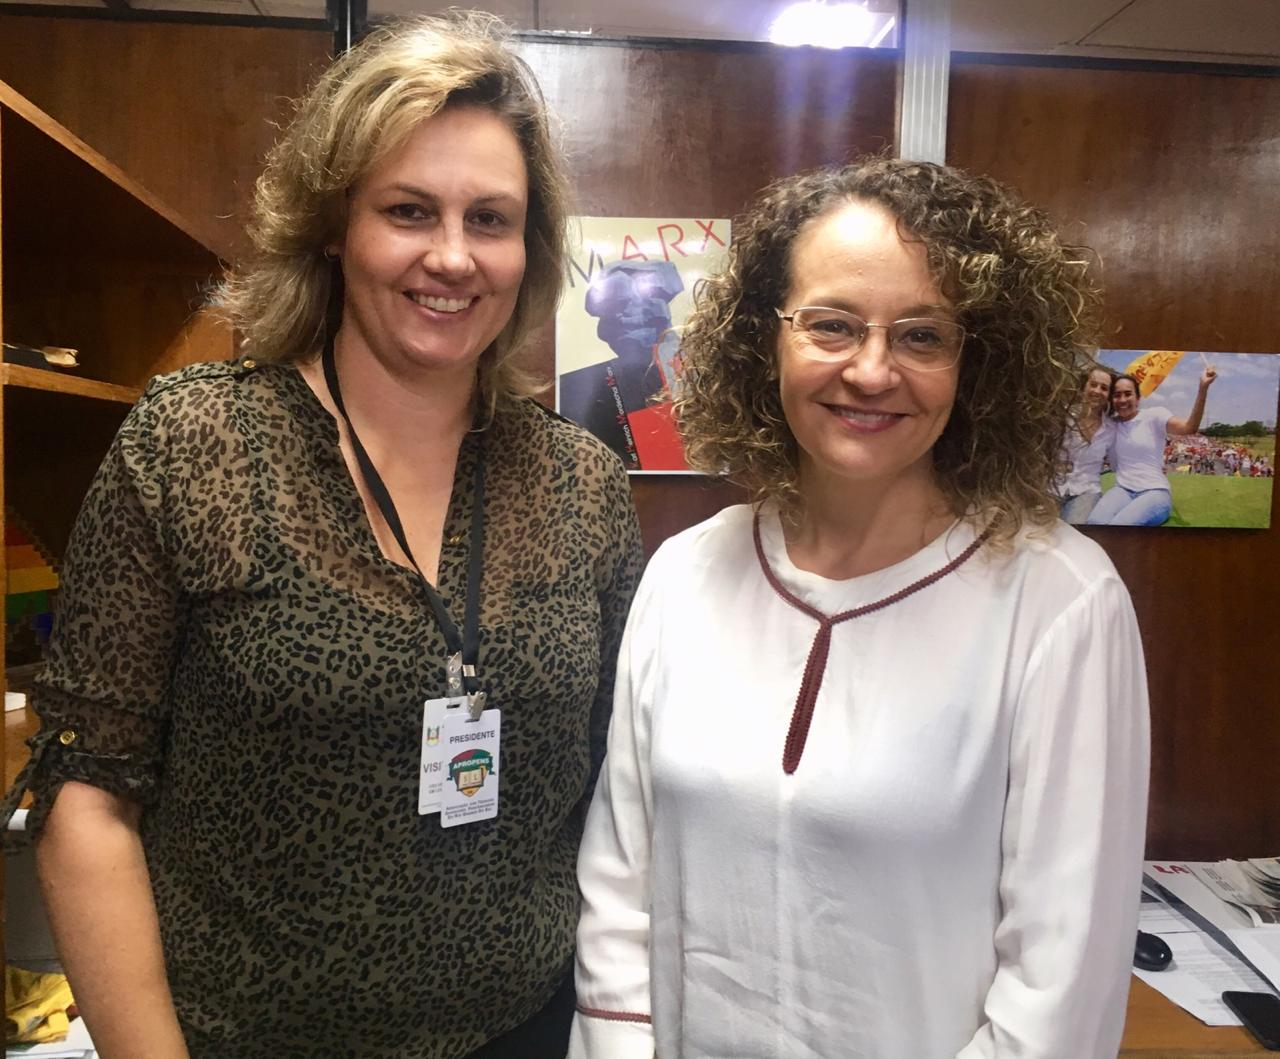 Reunião da deputada estadual Luciana Genro com a presidente da Associação dos Técnicos Superiores Penitenciários do RS (Apropens), Luciane Engel.